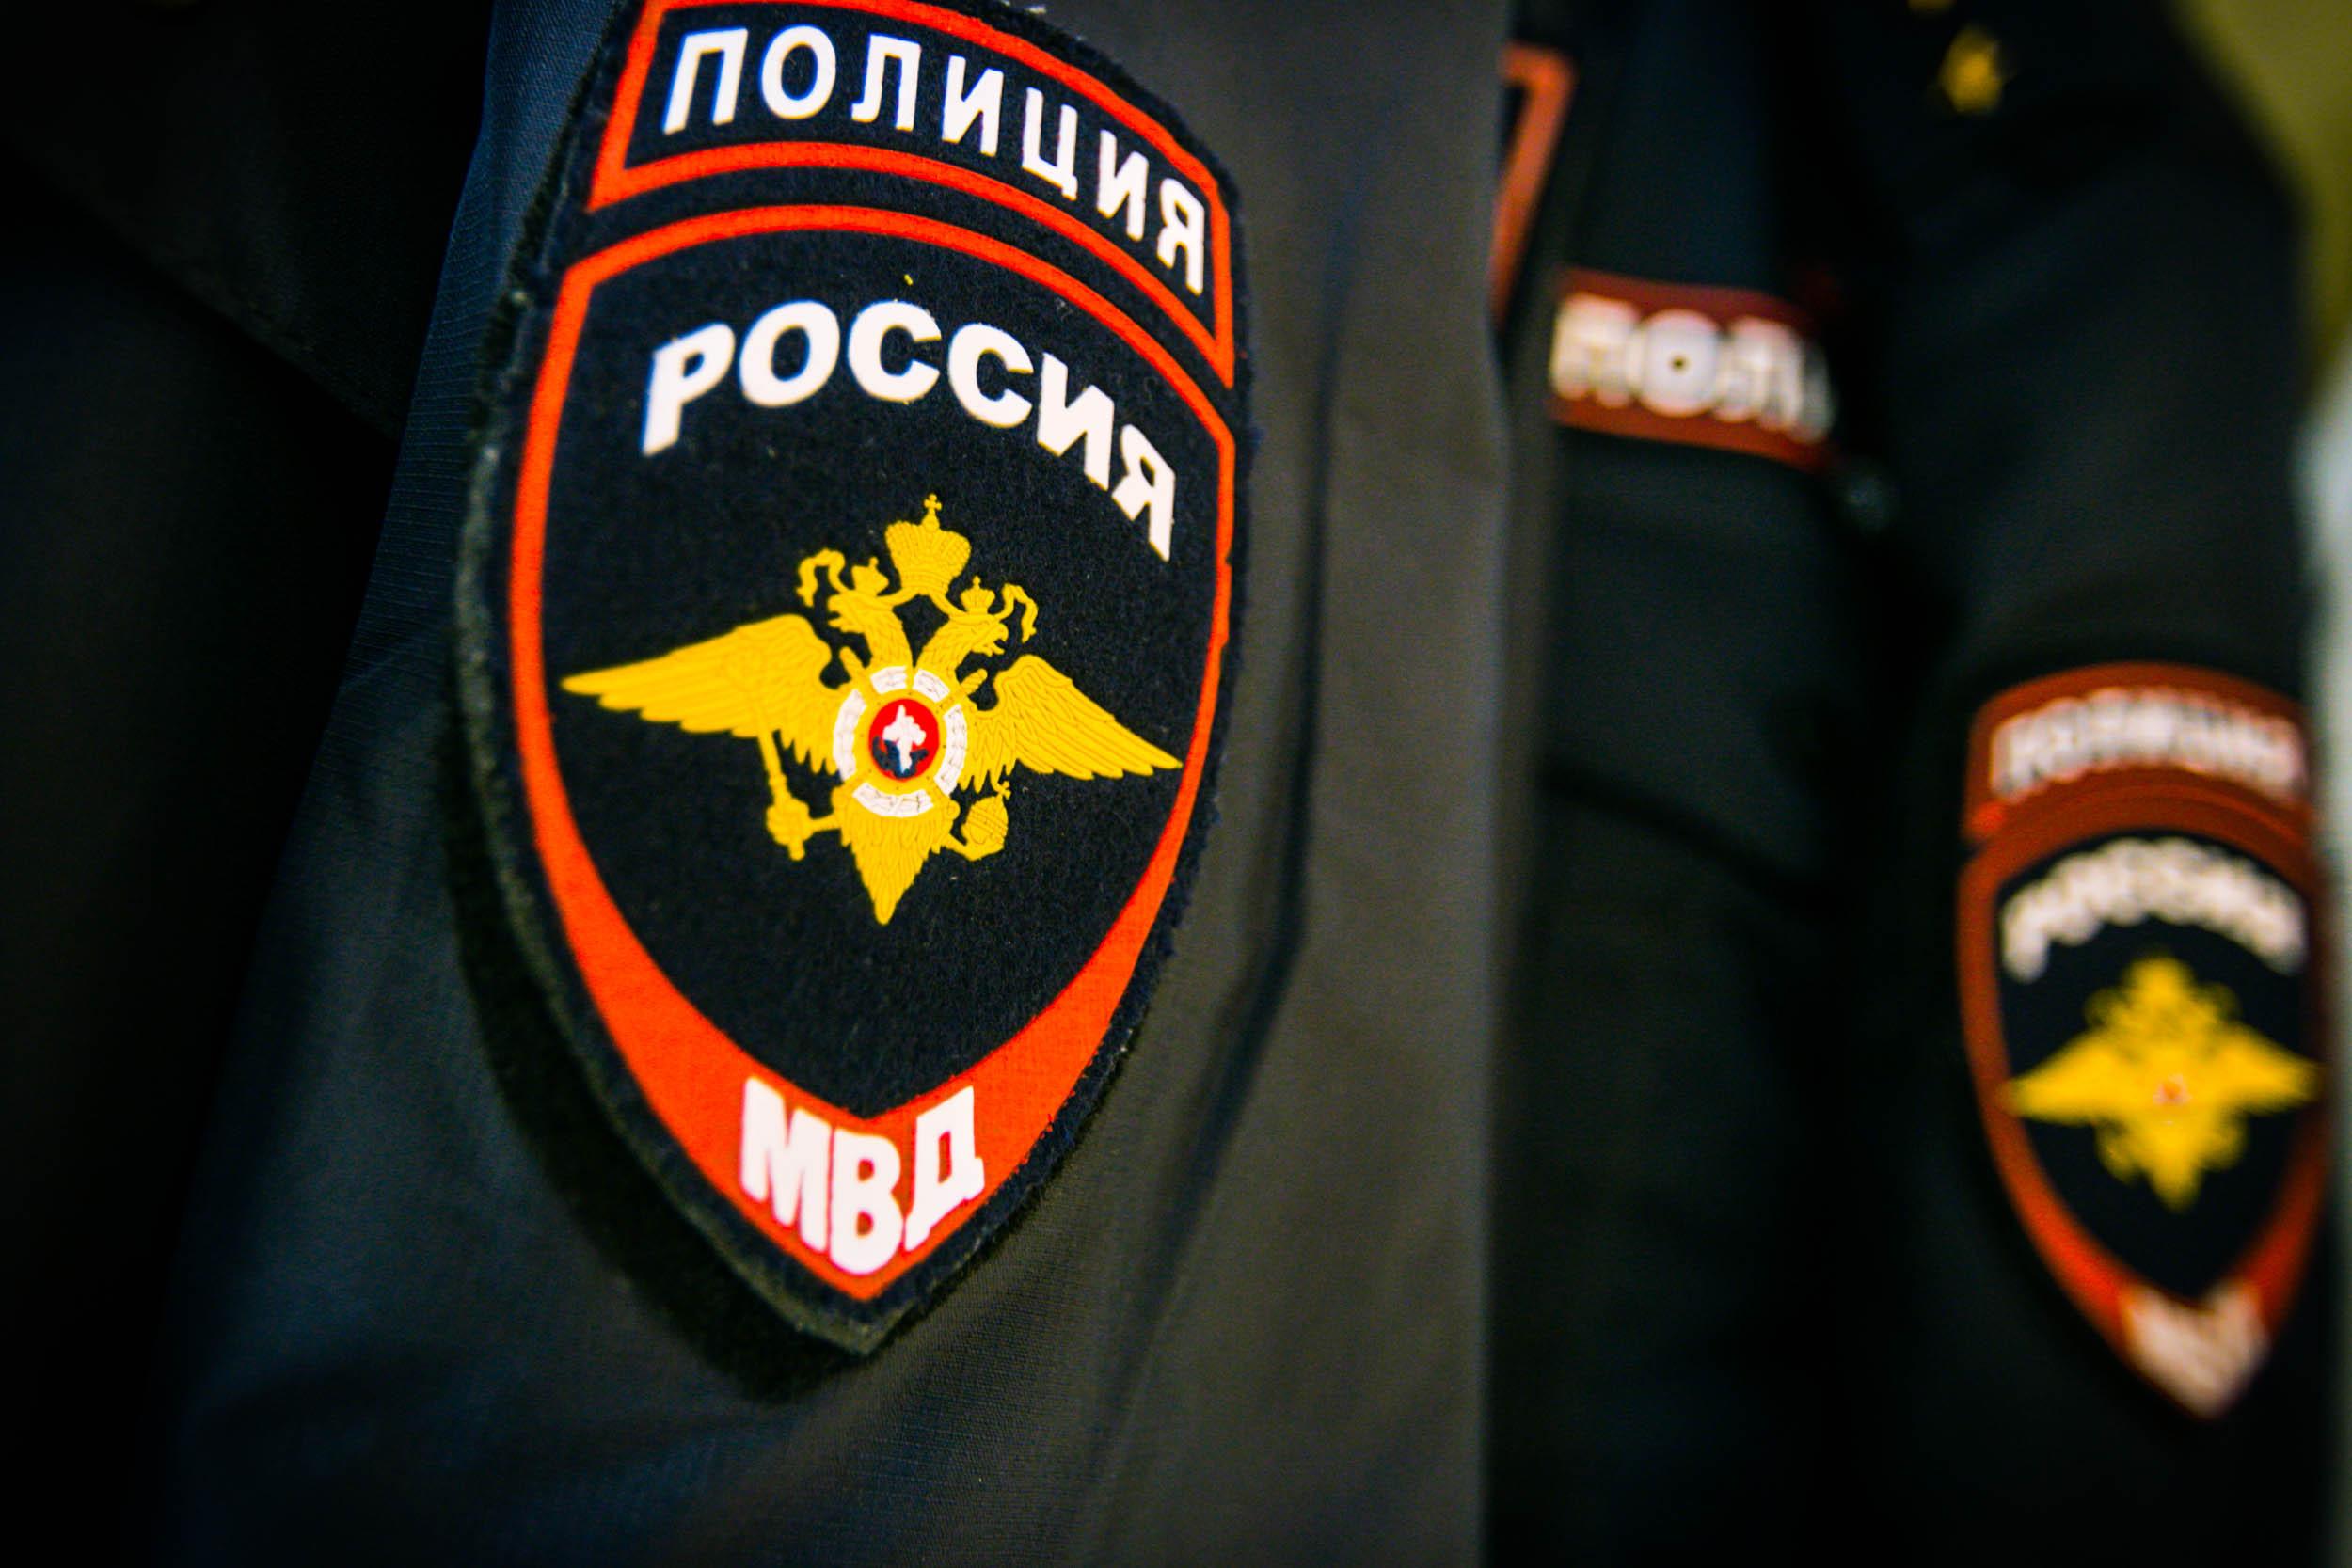 Сын забил досмерти пенсионерку в столице России